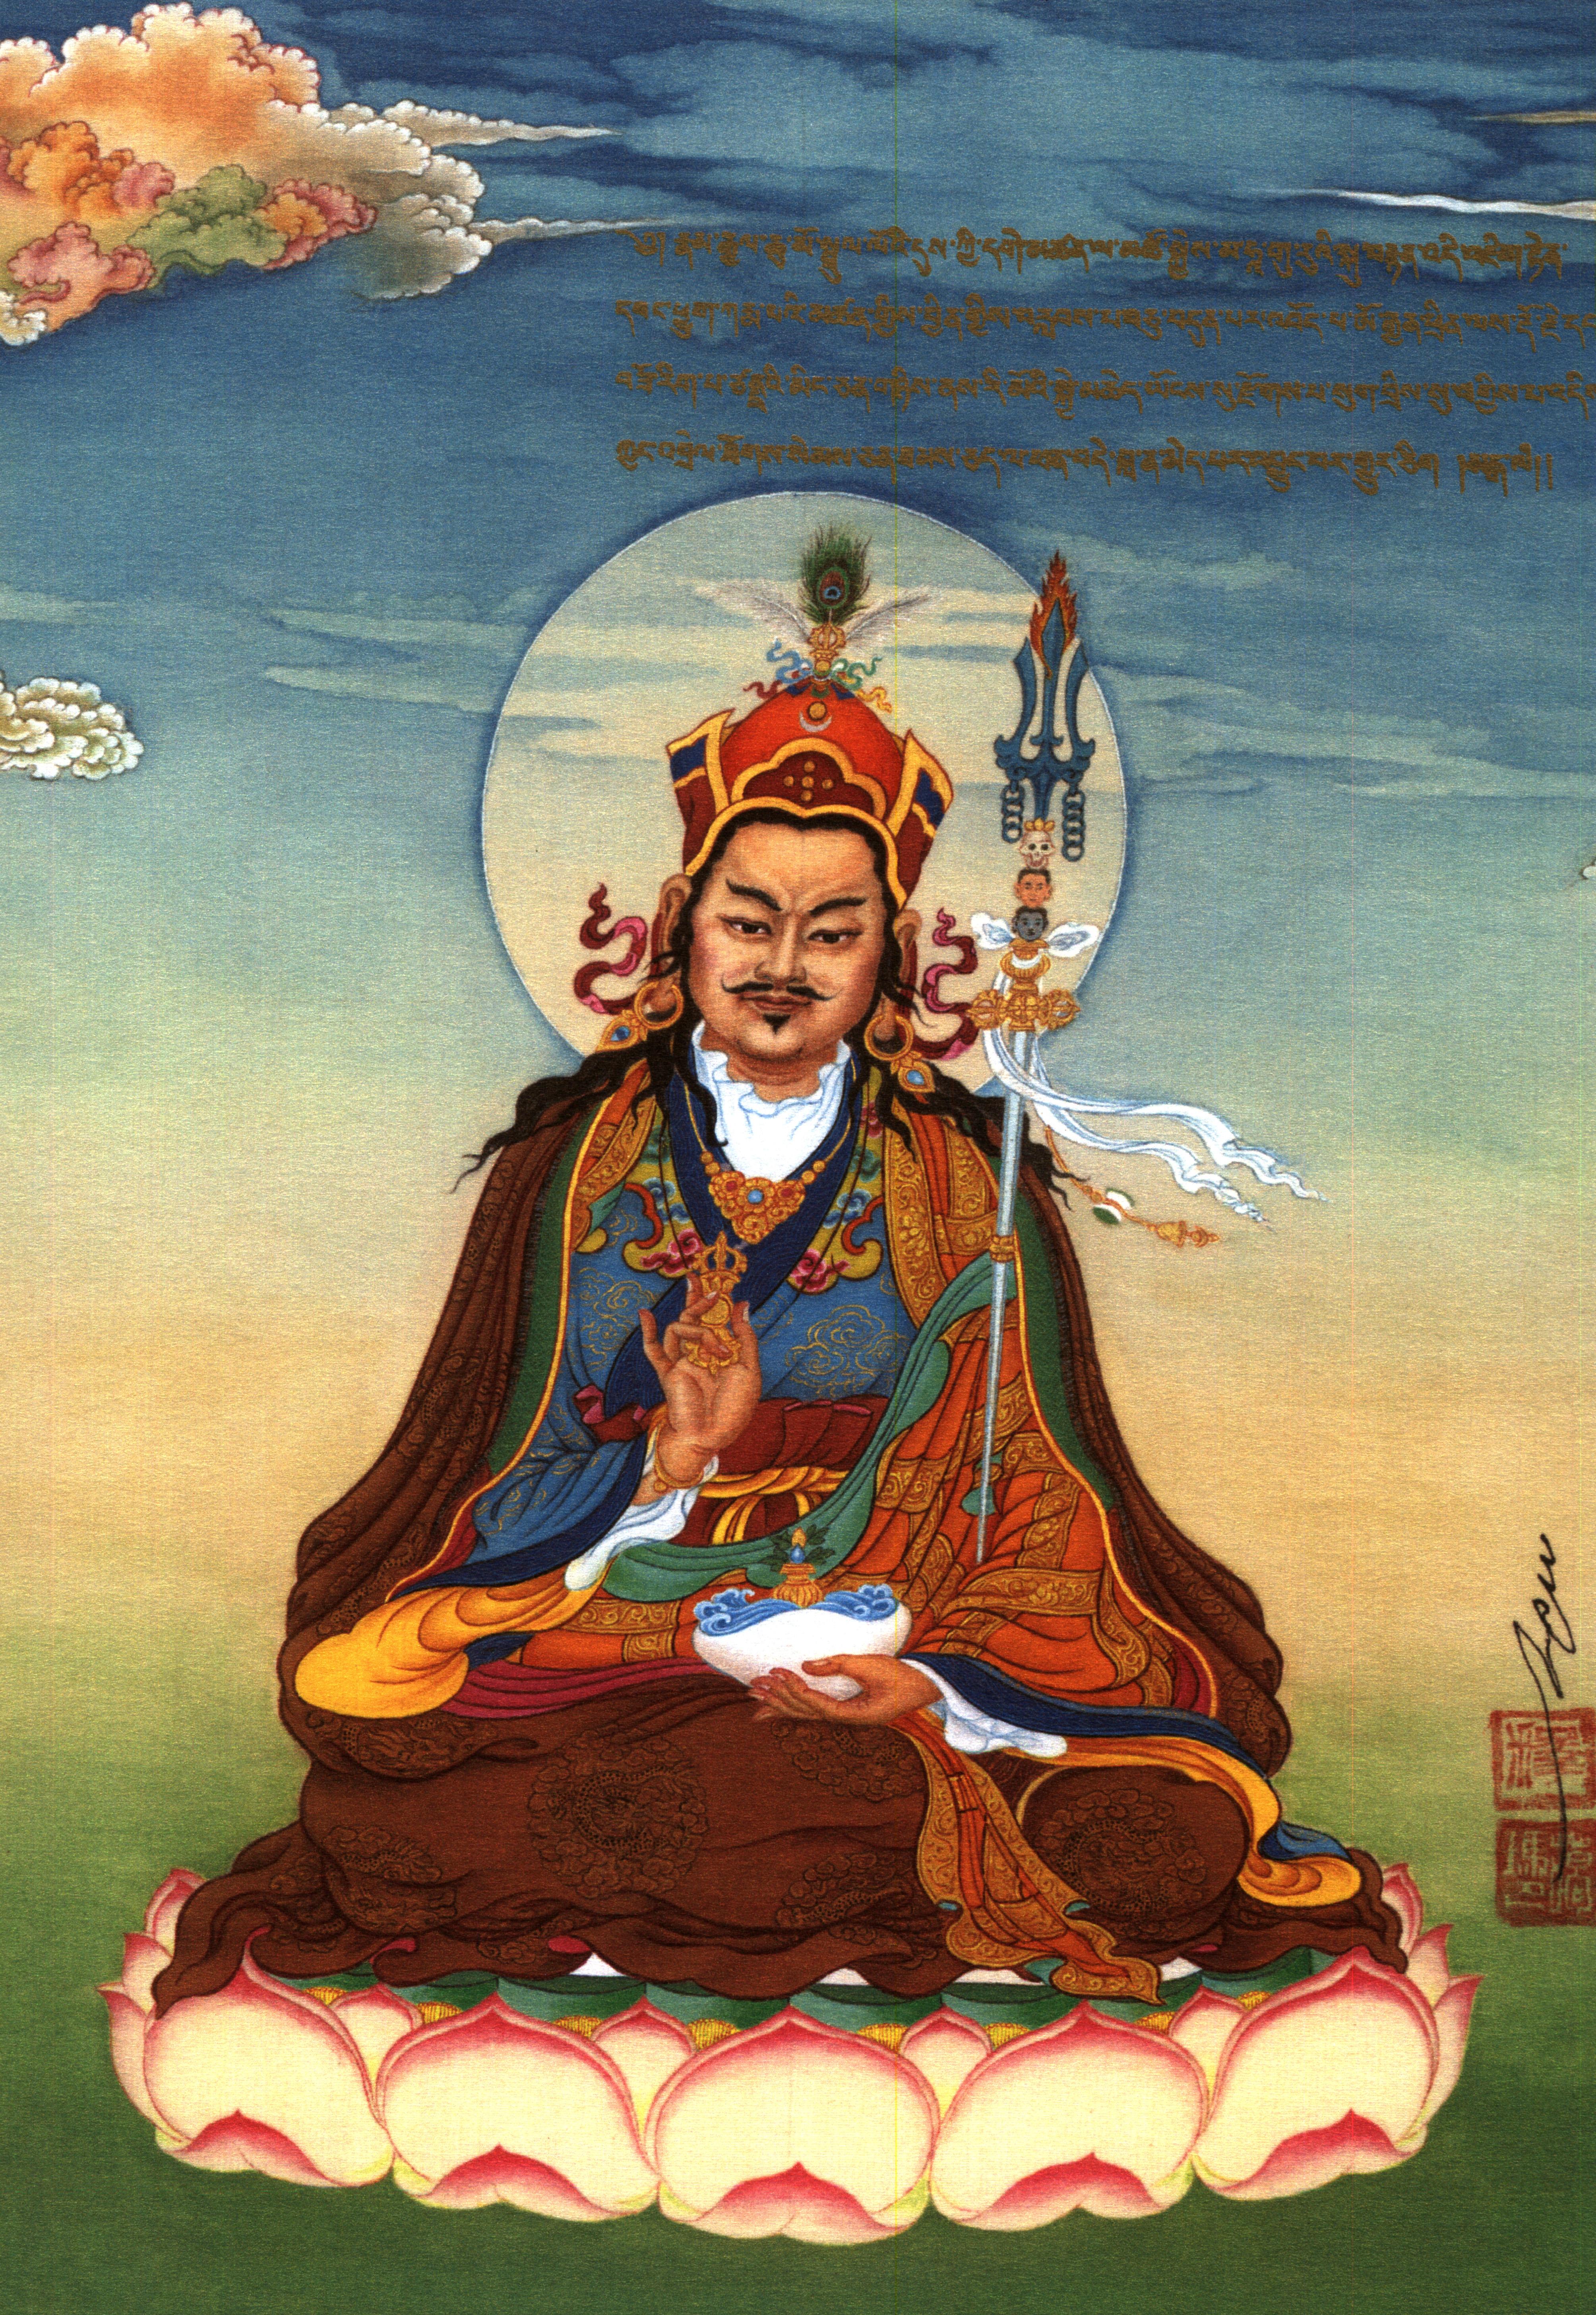 Guru Rinpoche (Padmasambhava) painting by the Karmapa